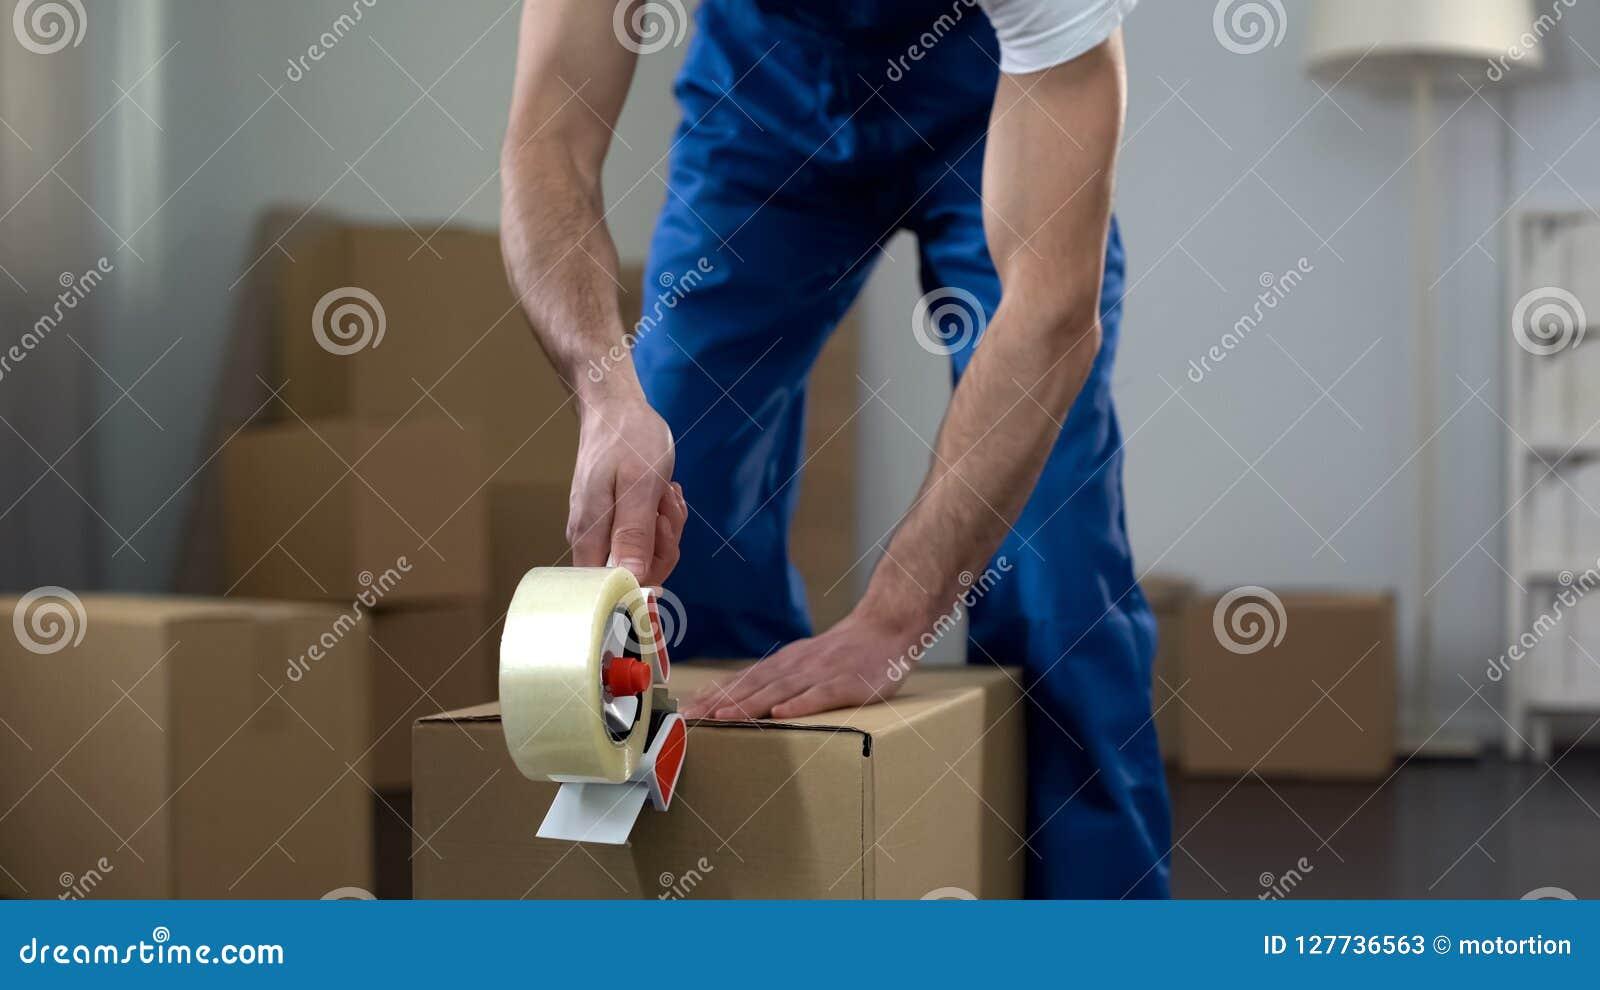 Картонные коробки упаковки работника транспортной компании, качественные обслуживания поставки